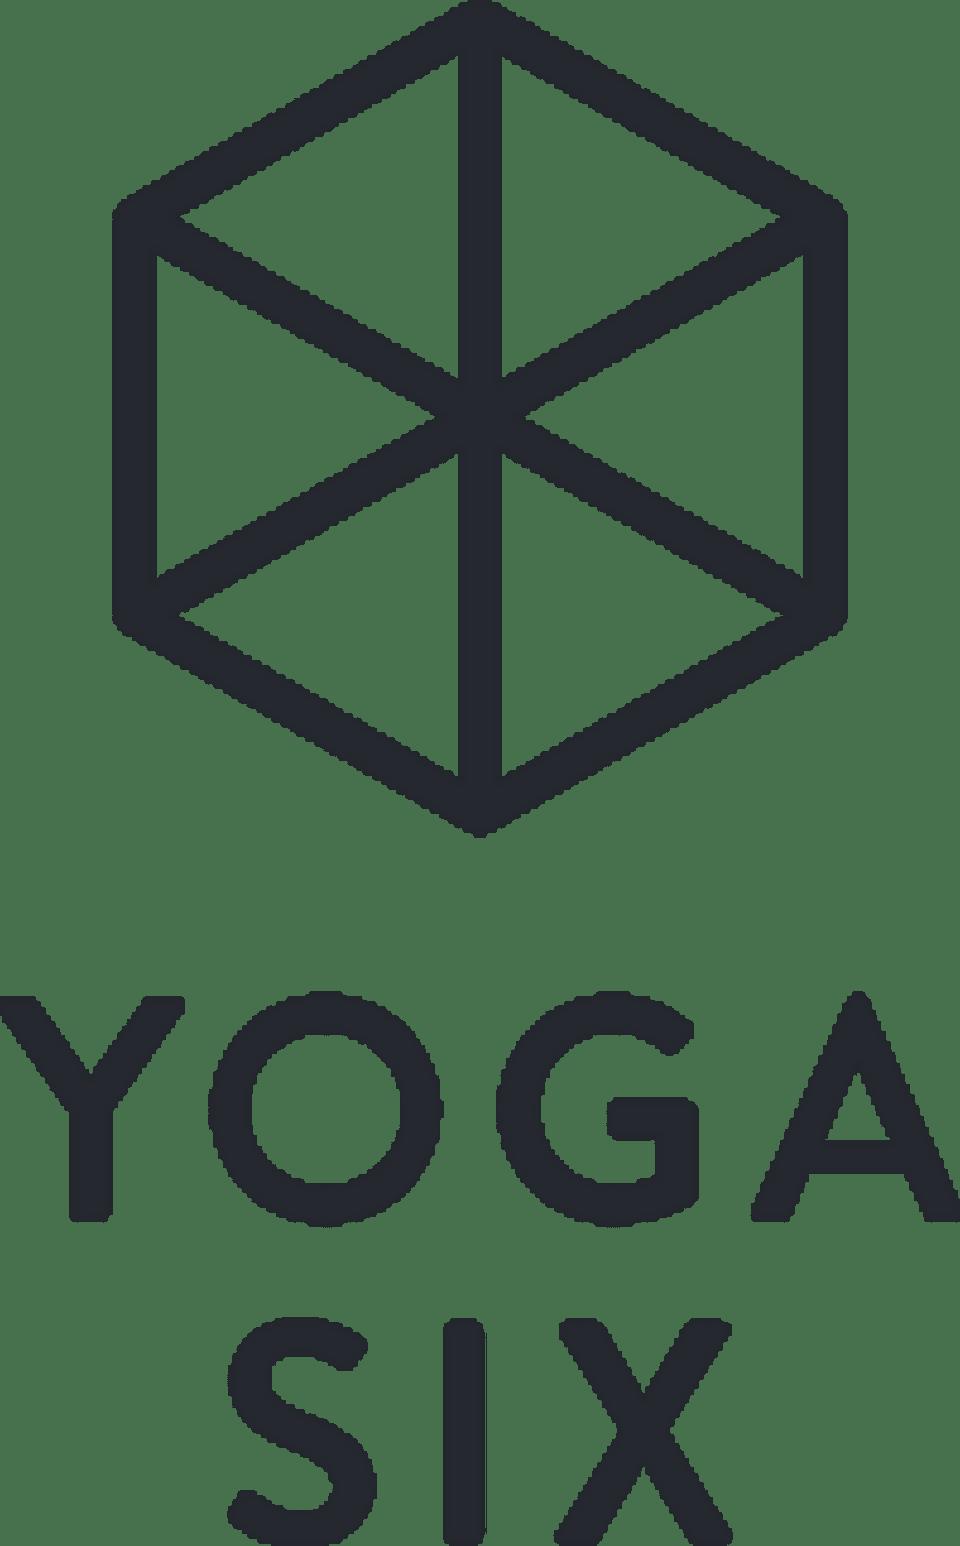 Yoga Six logo